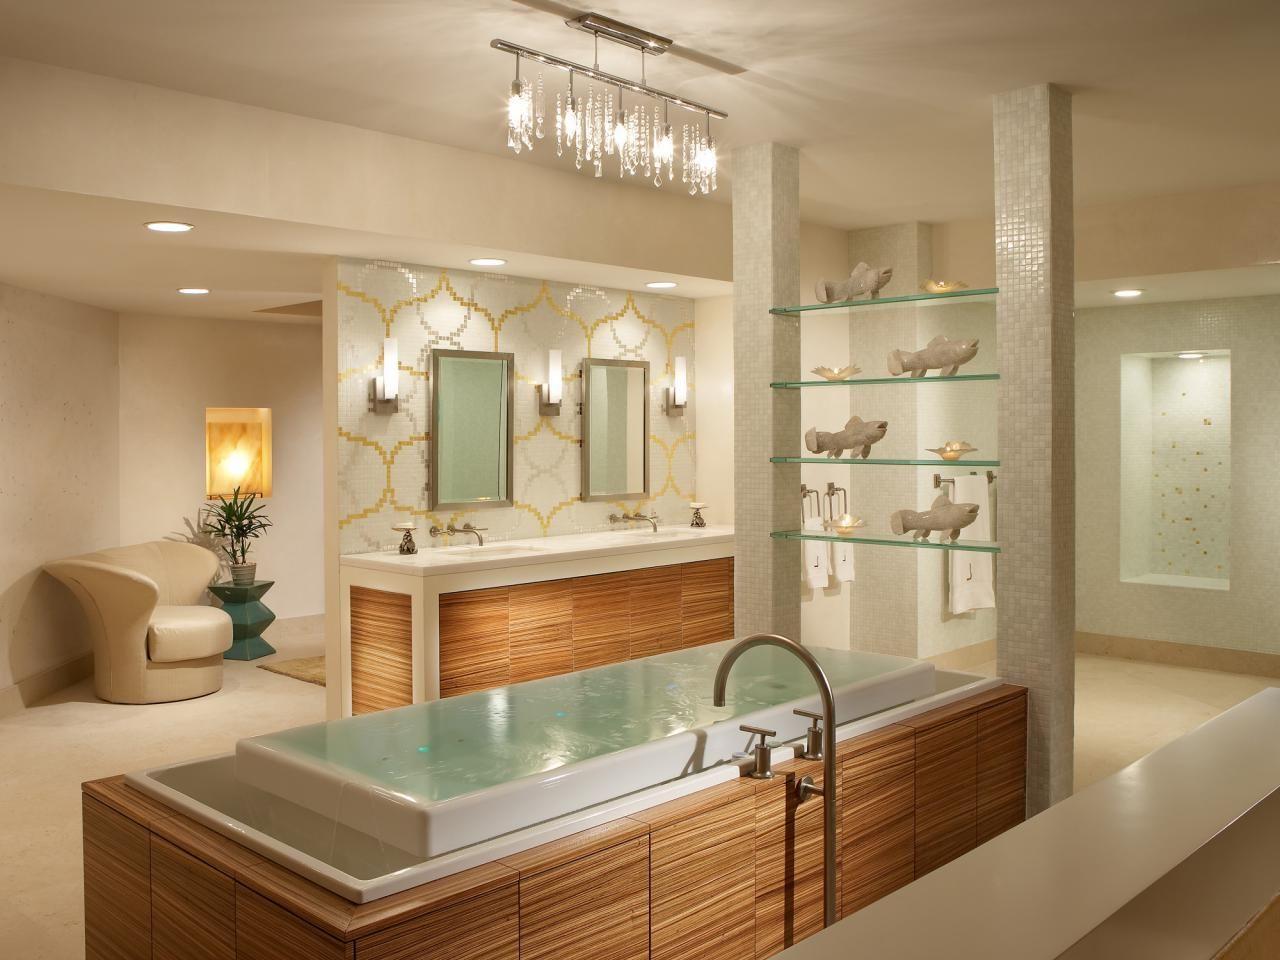 Ванная комната 1.5 на 1.5 дизайн 2017-2018